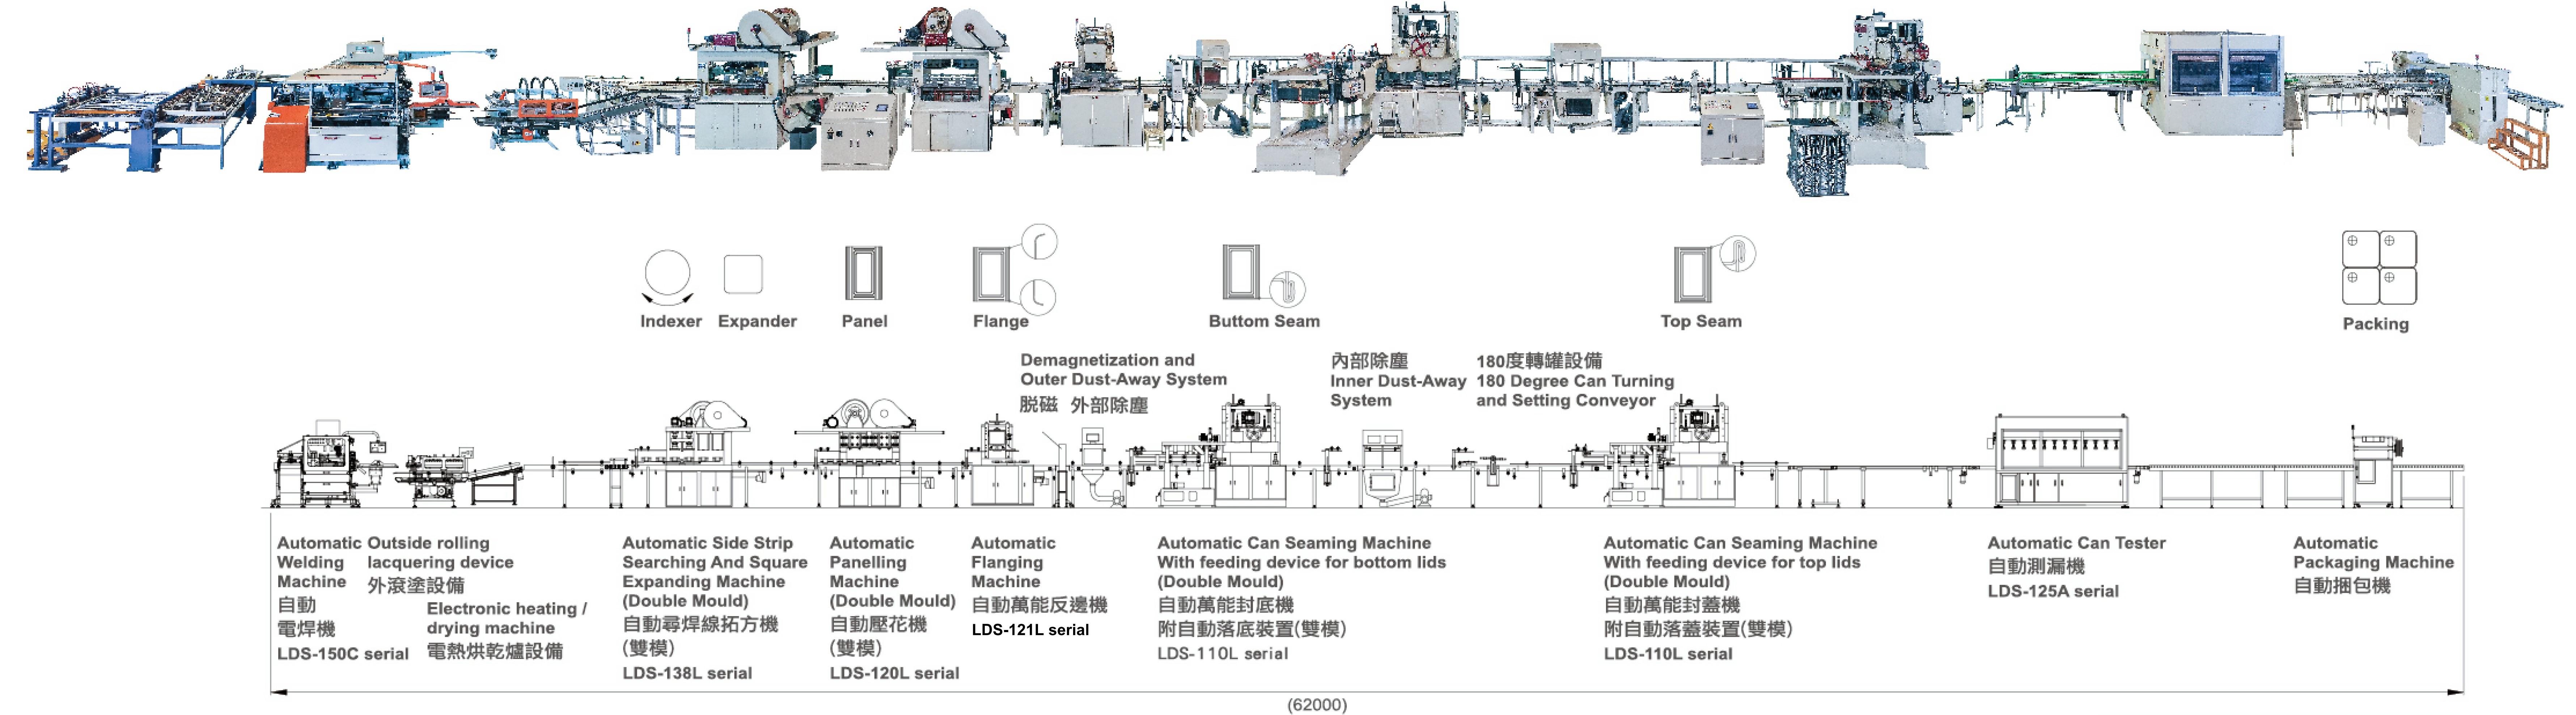 Lin Der Shen Welding Process Flow Diagram Chart Can